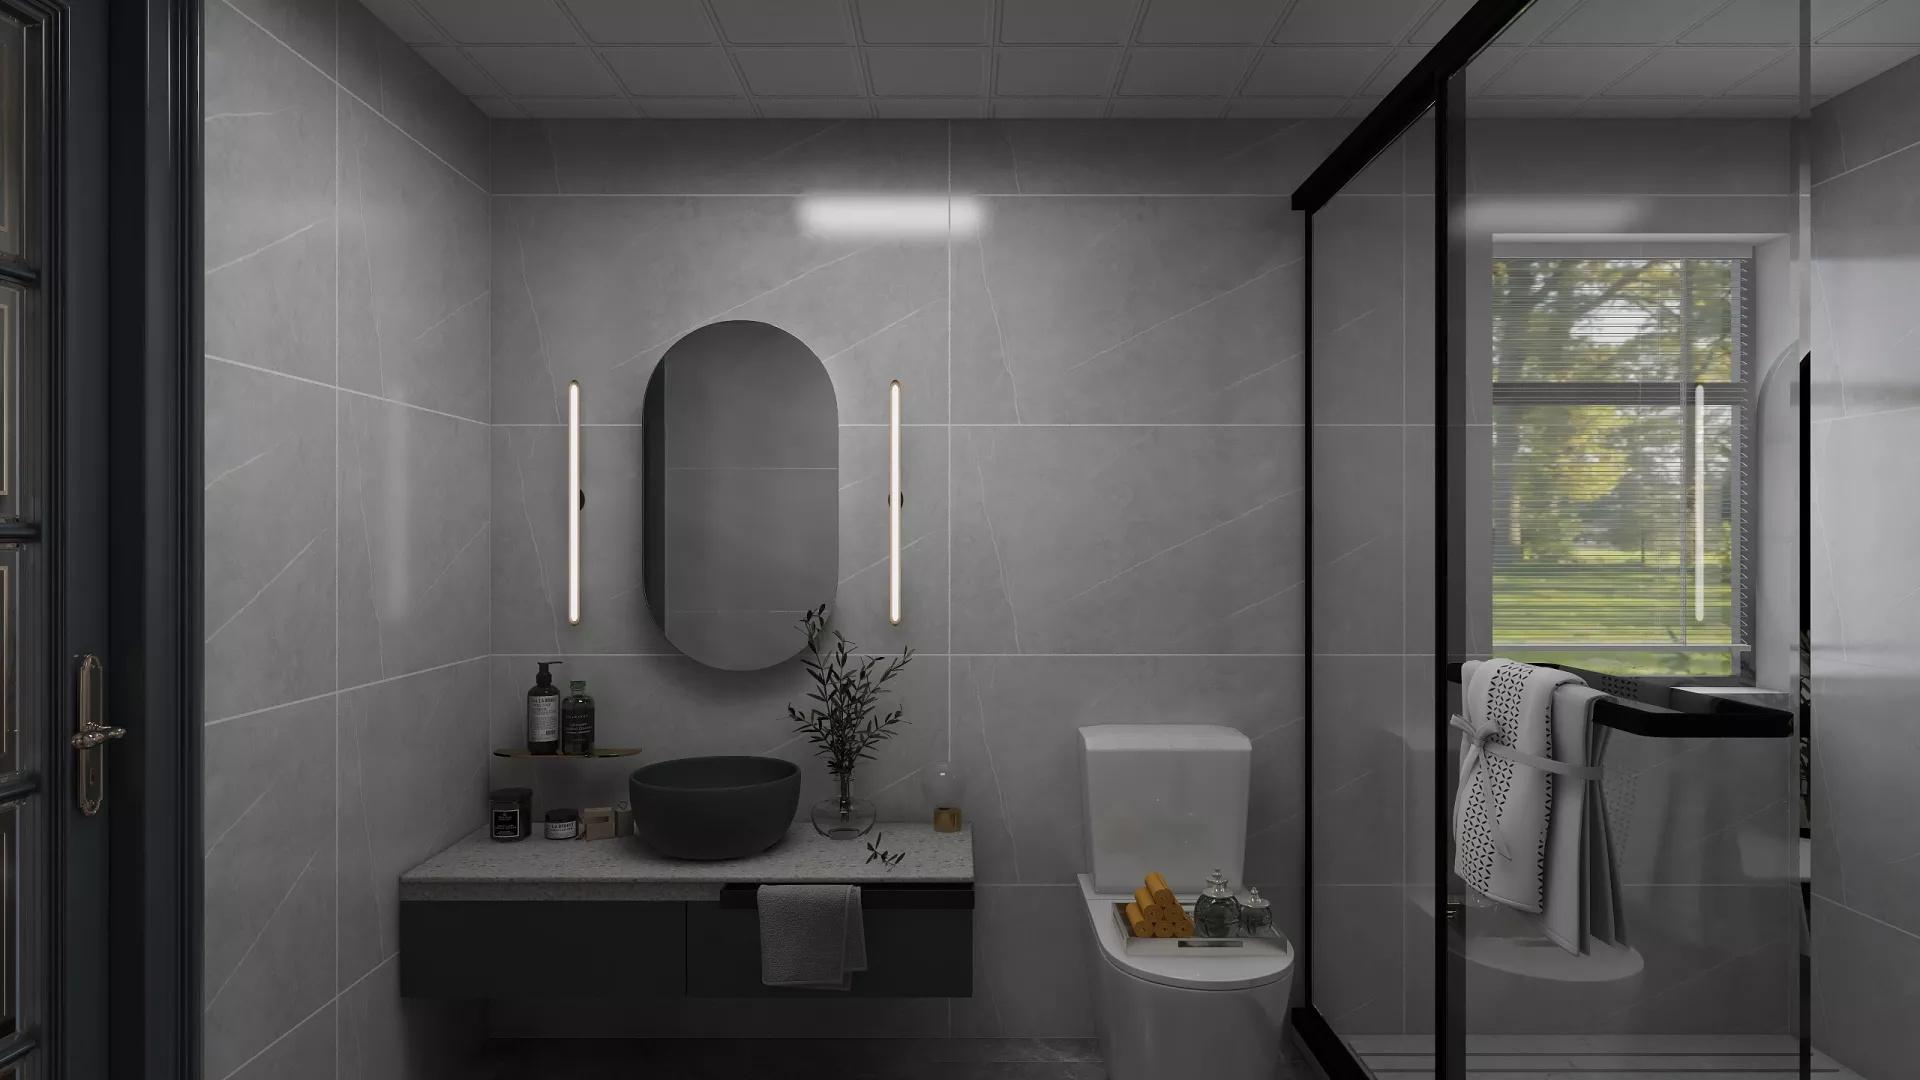 卫浴洁具风水讲究 卫浴装修效果图